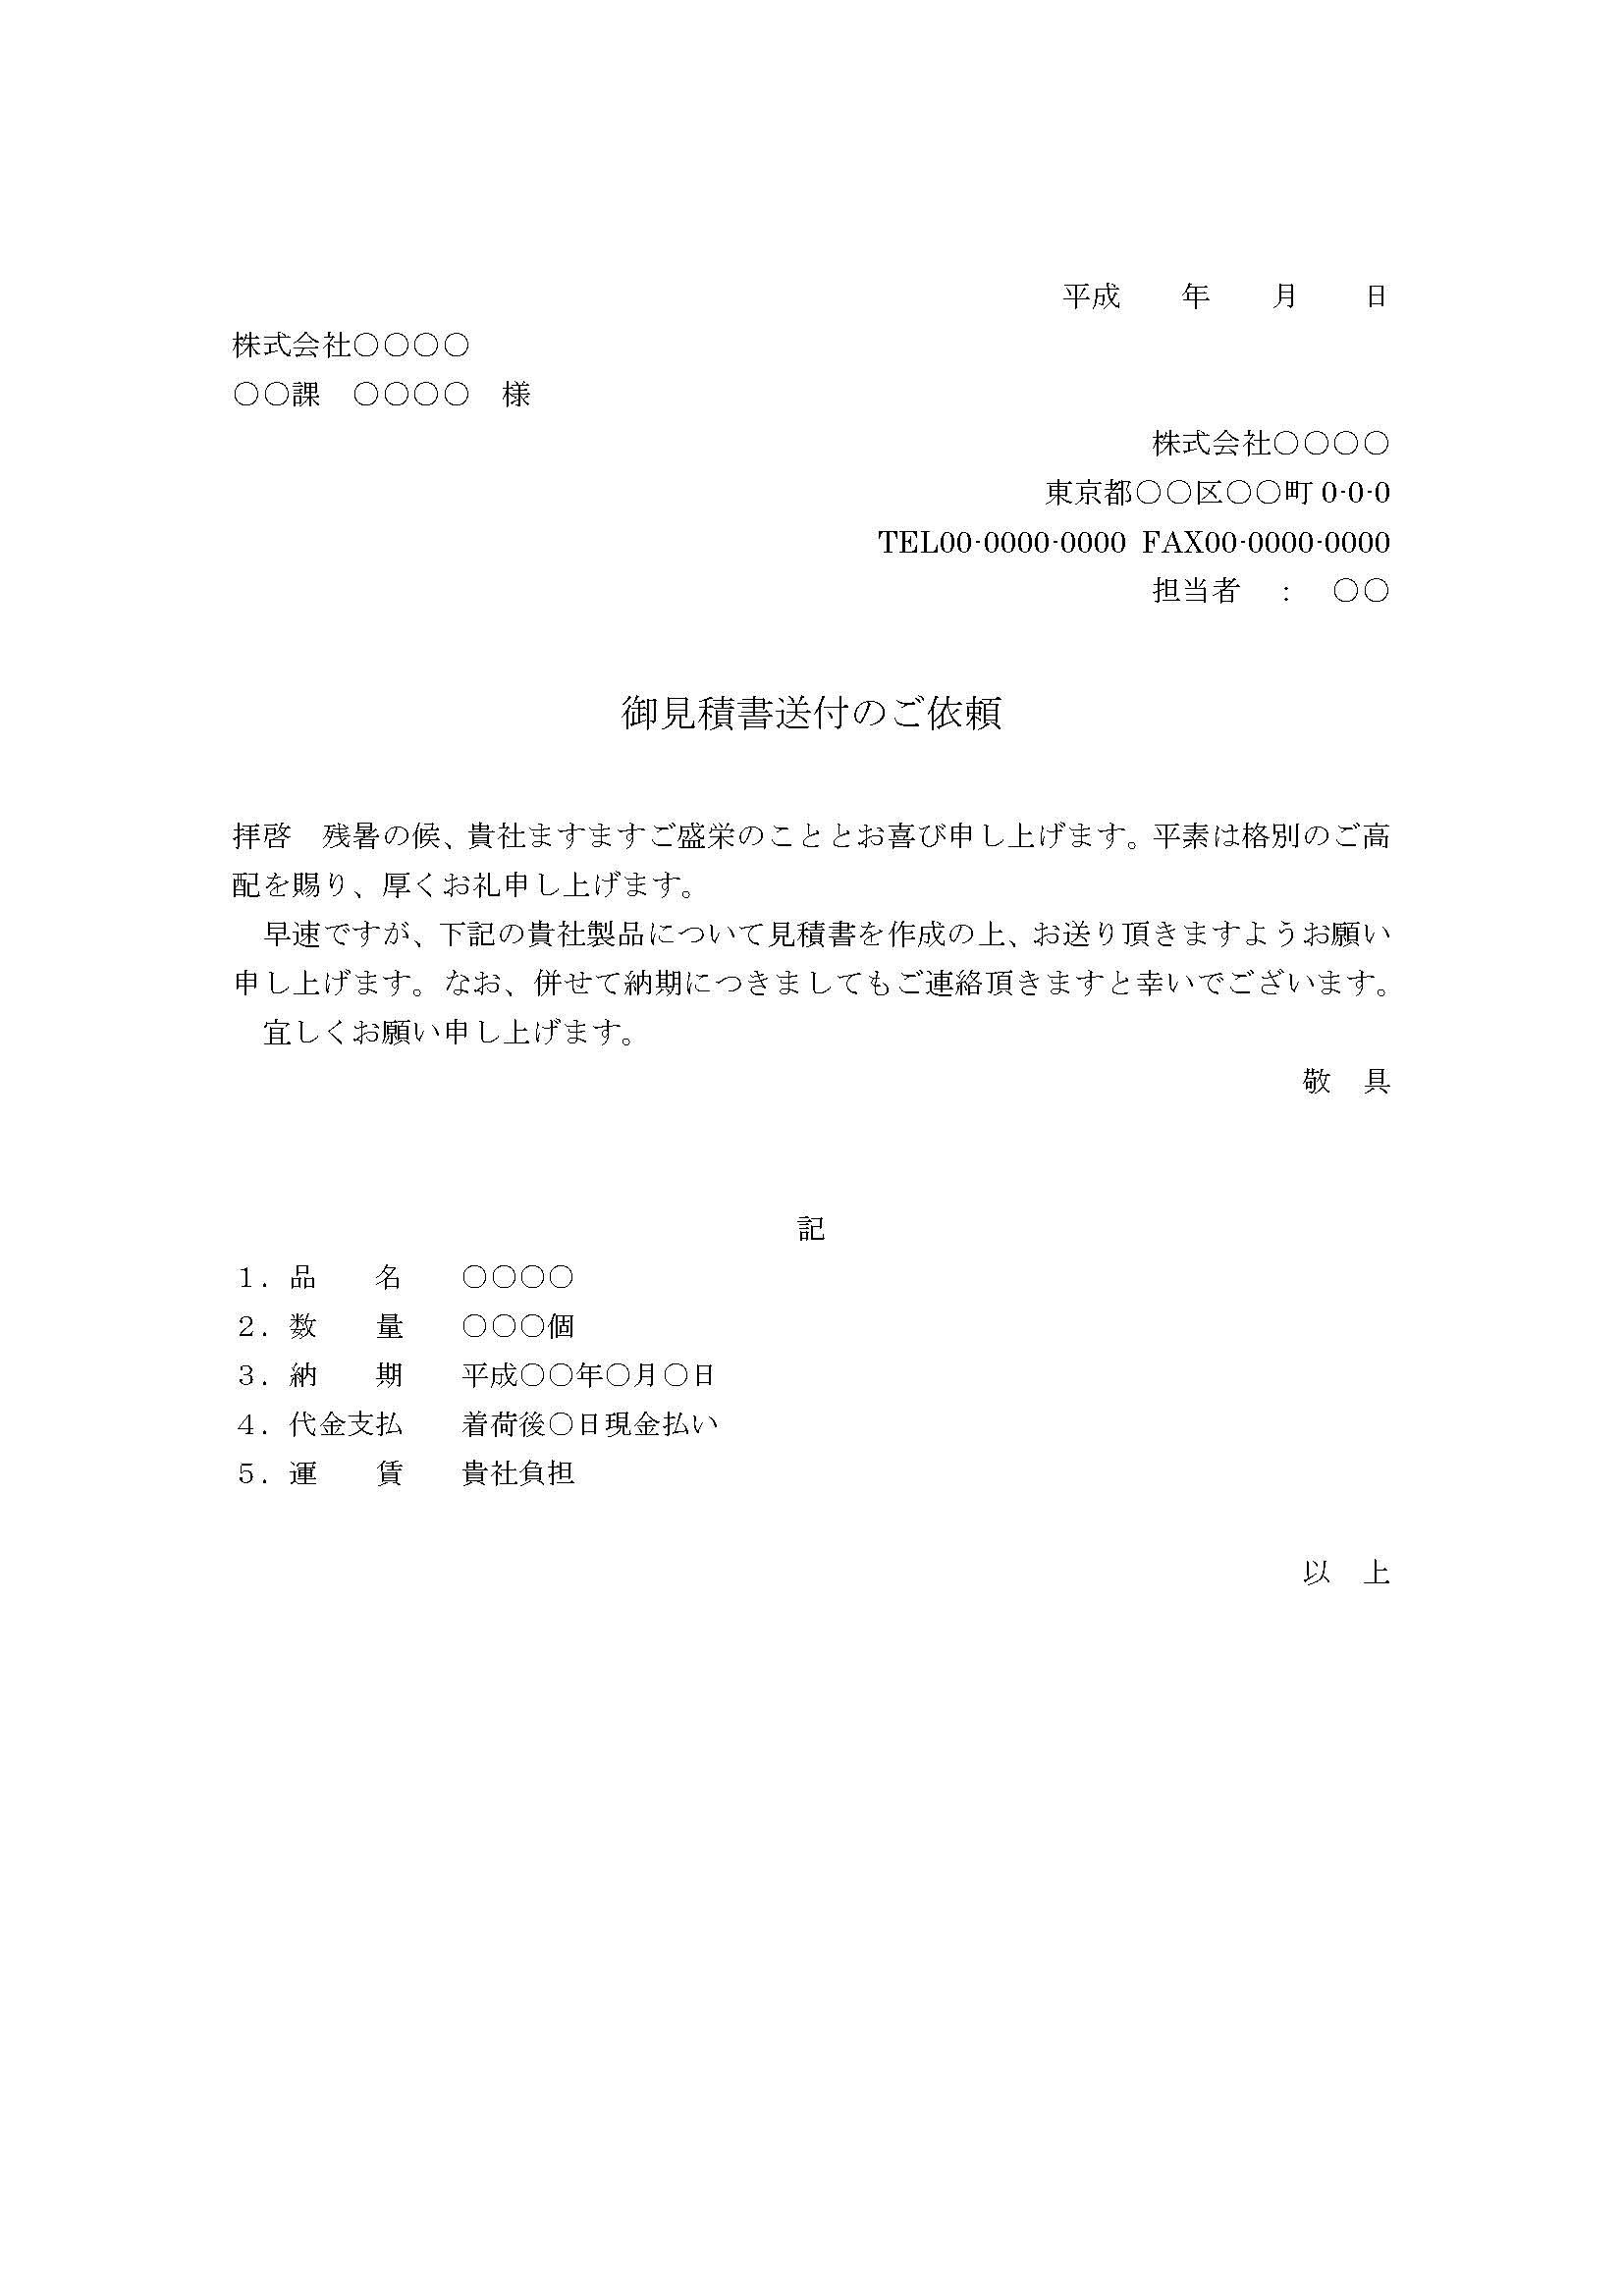 依頼状(お見積り依頼について)